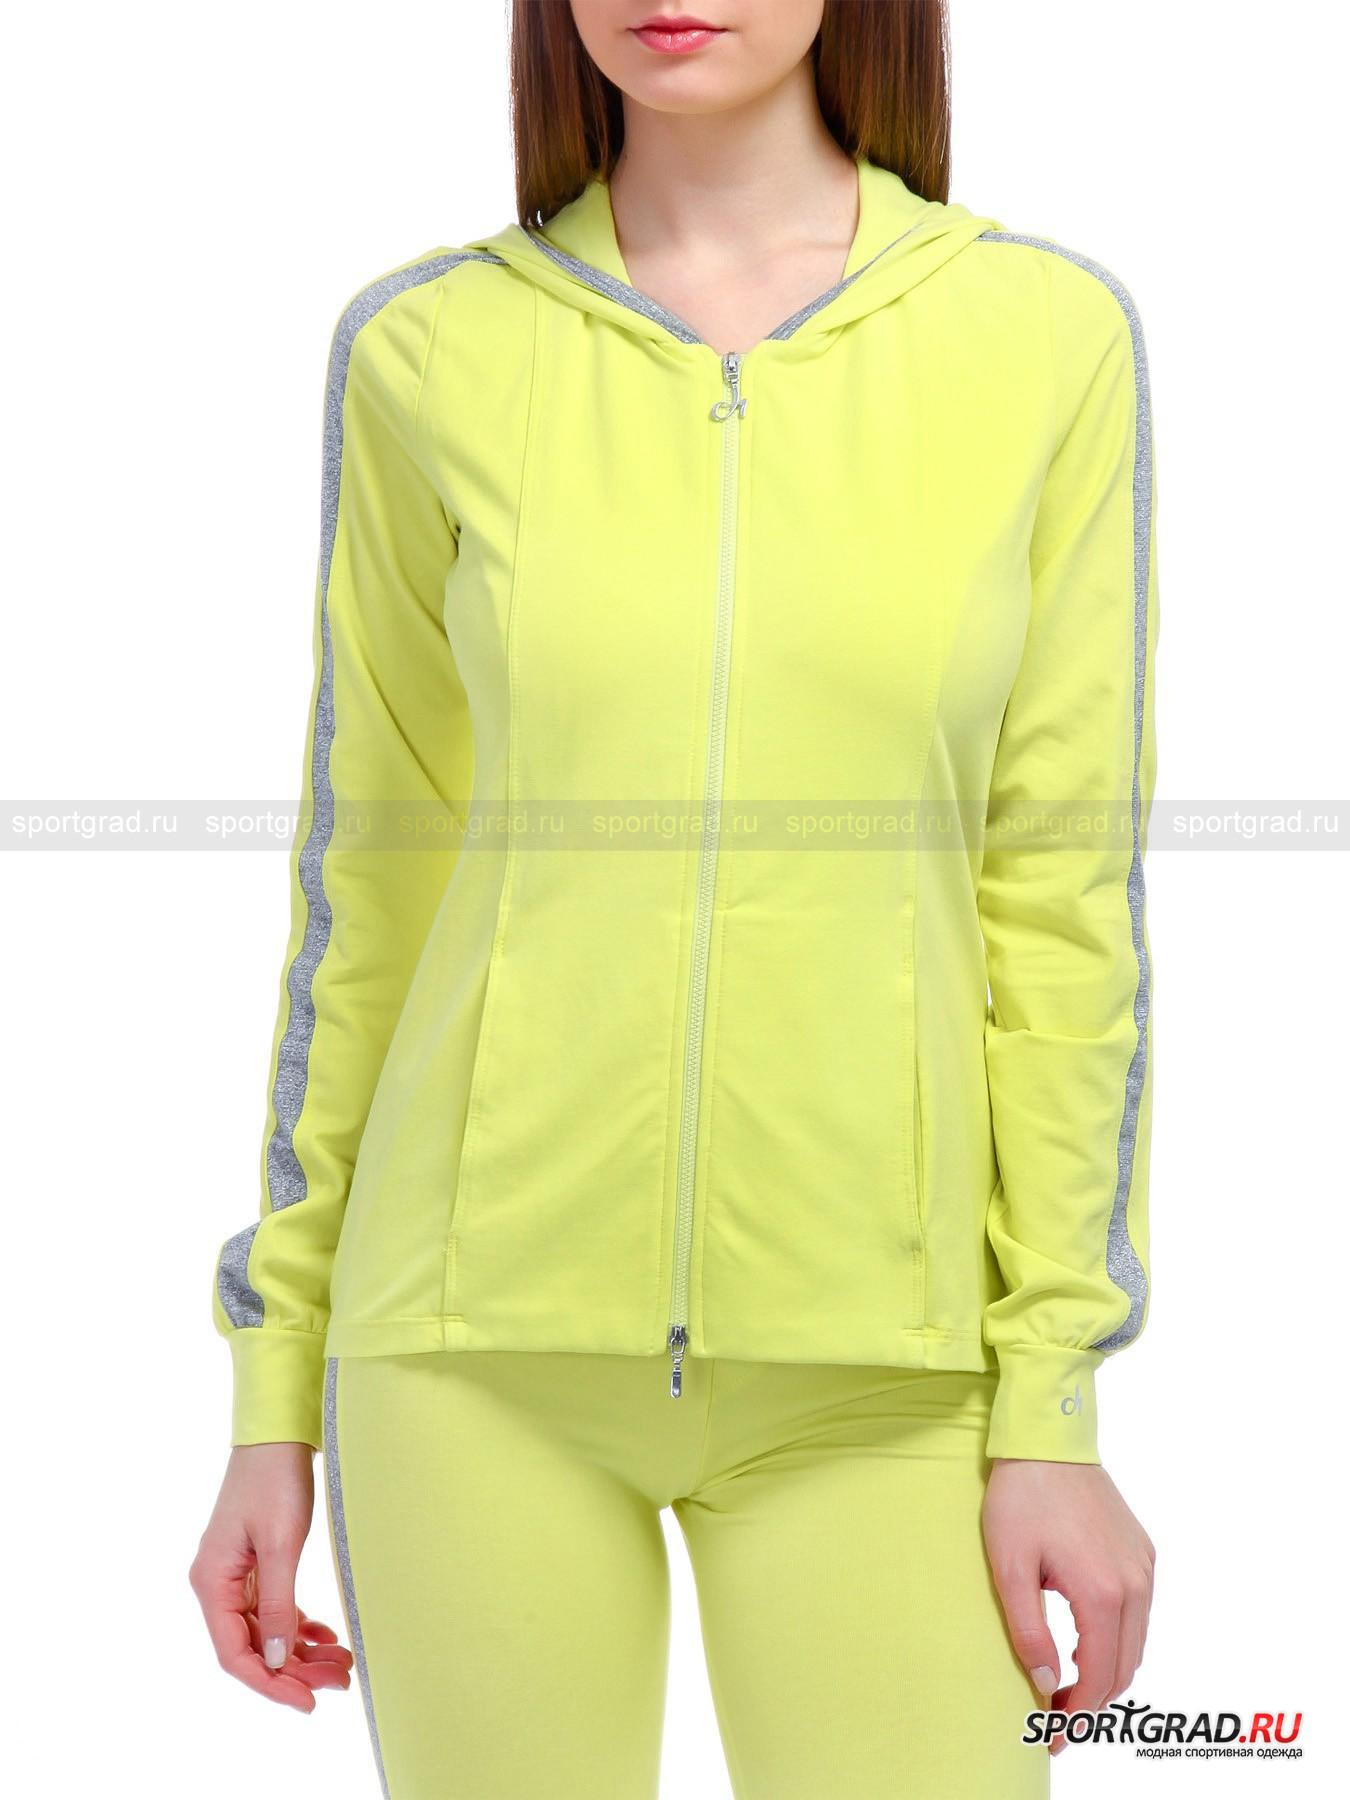 Толстовка женская спортивная Hooded Full Zip Swetshirt DEHA от Спортград